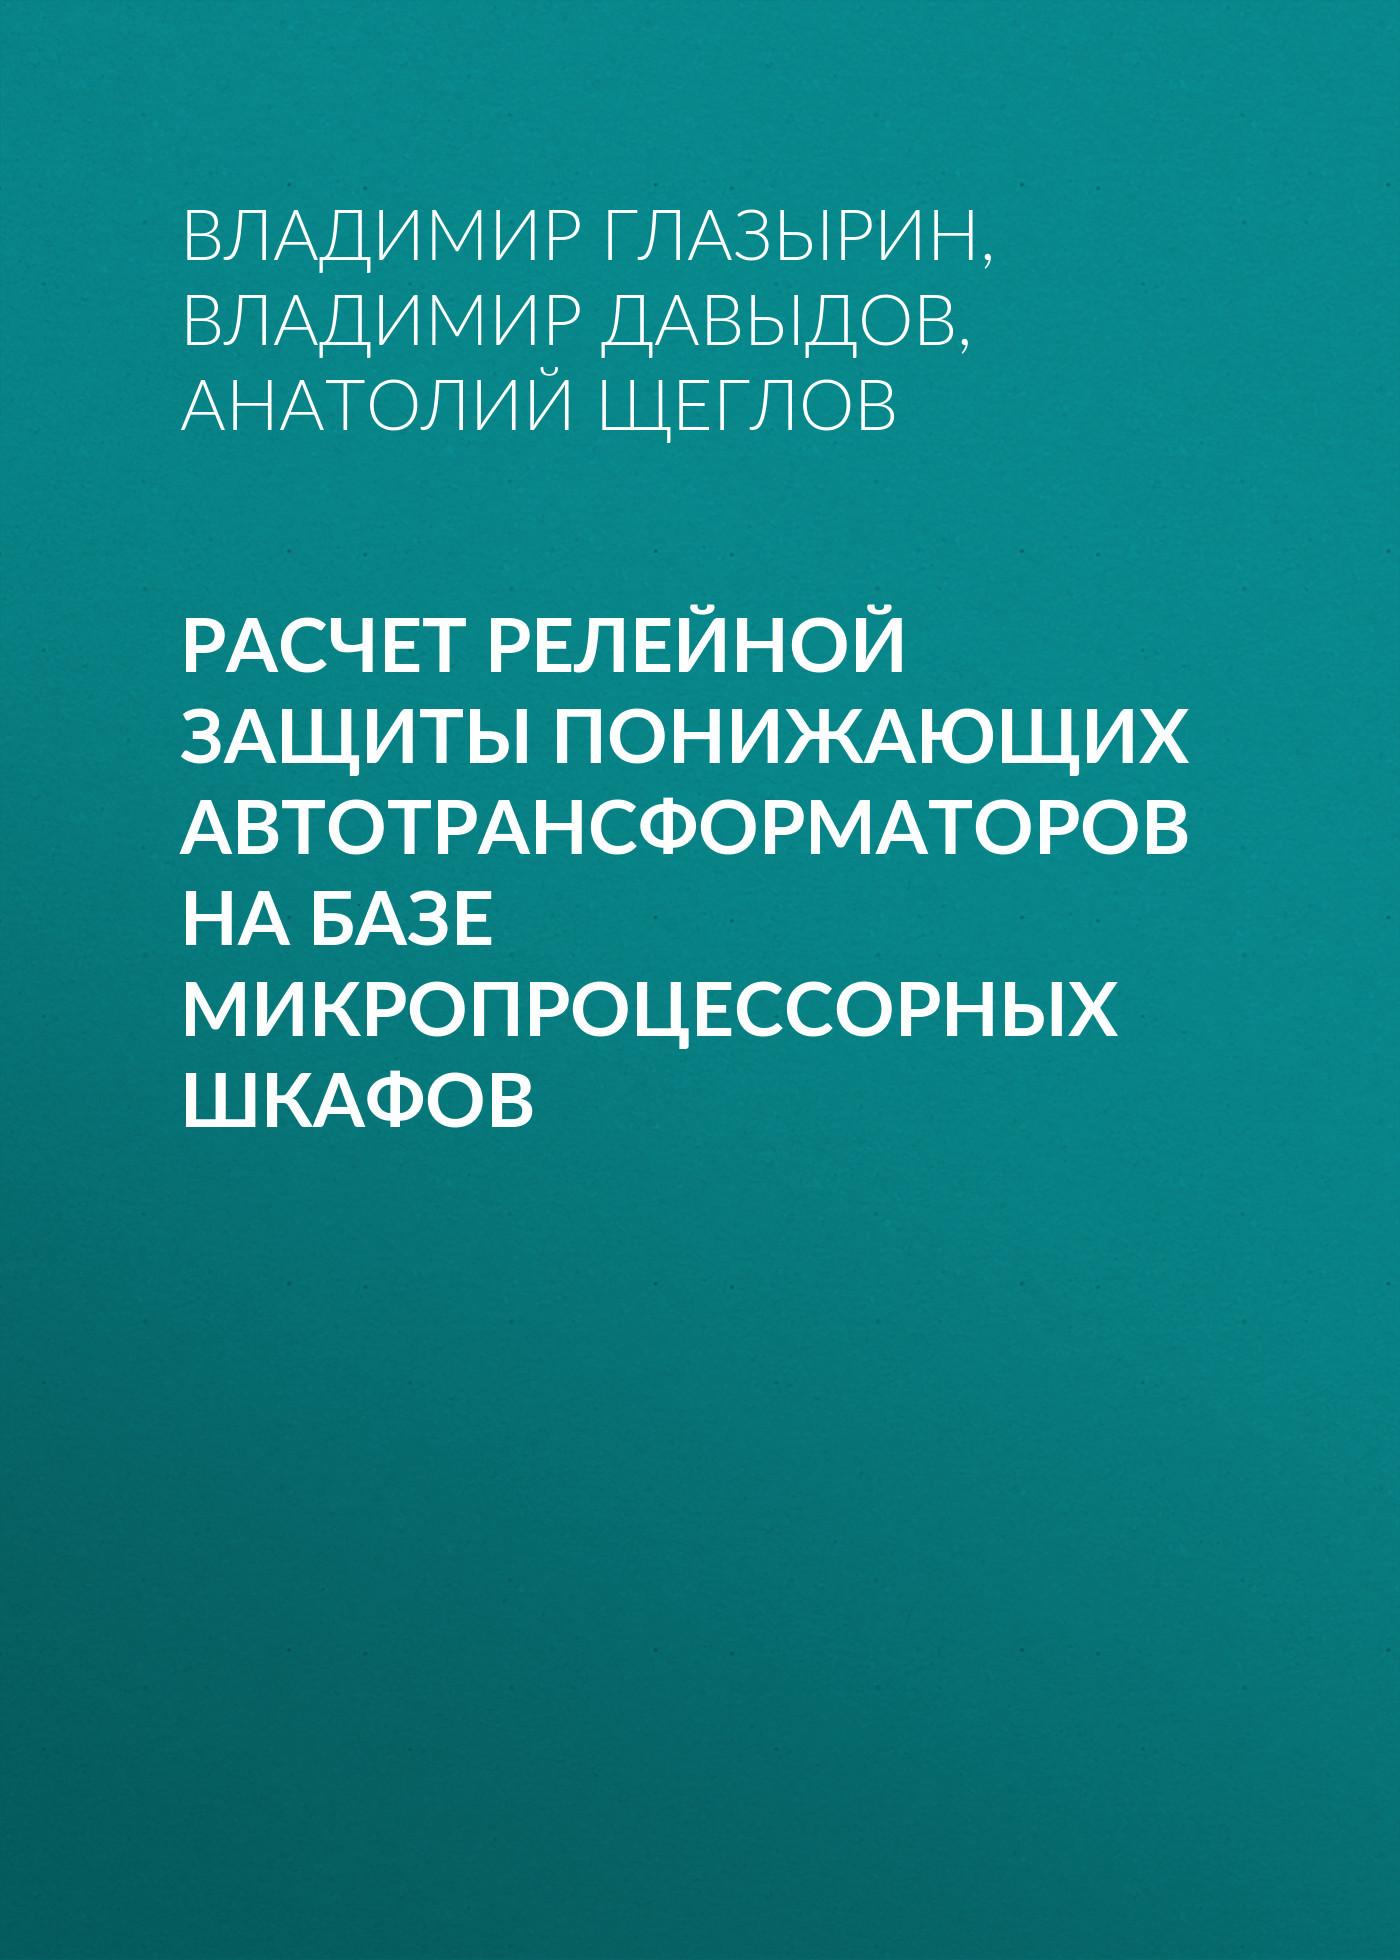 Анатолий Щеглов Расчет релейной защиты понижающих автотрансформаторов на базе микропроцессорных шкафов